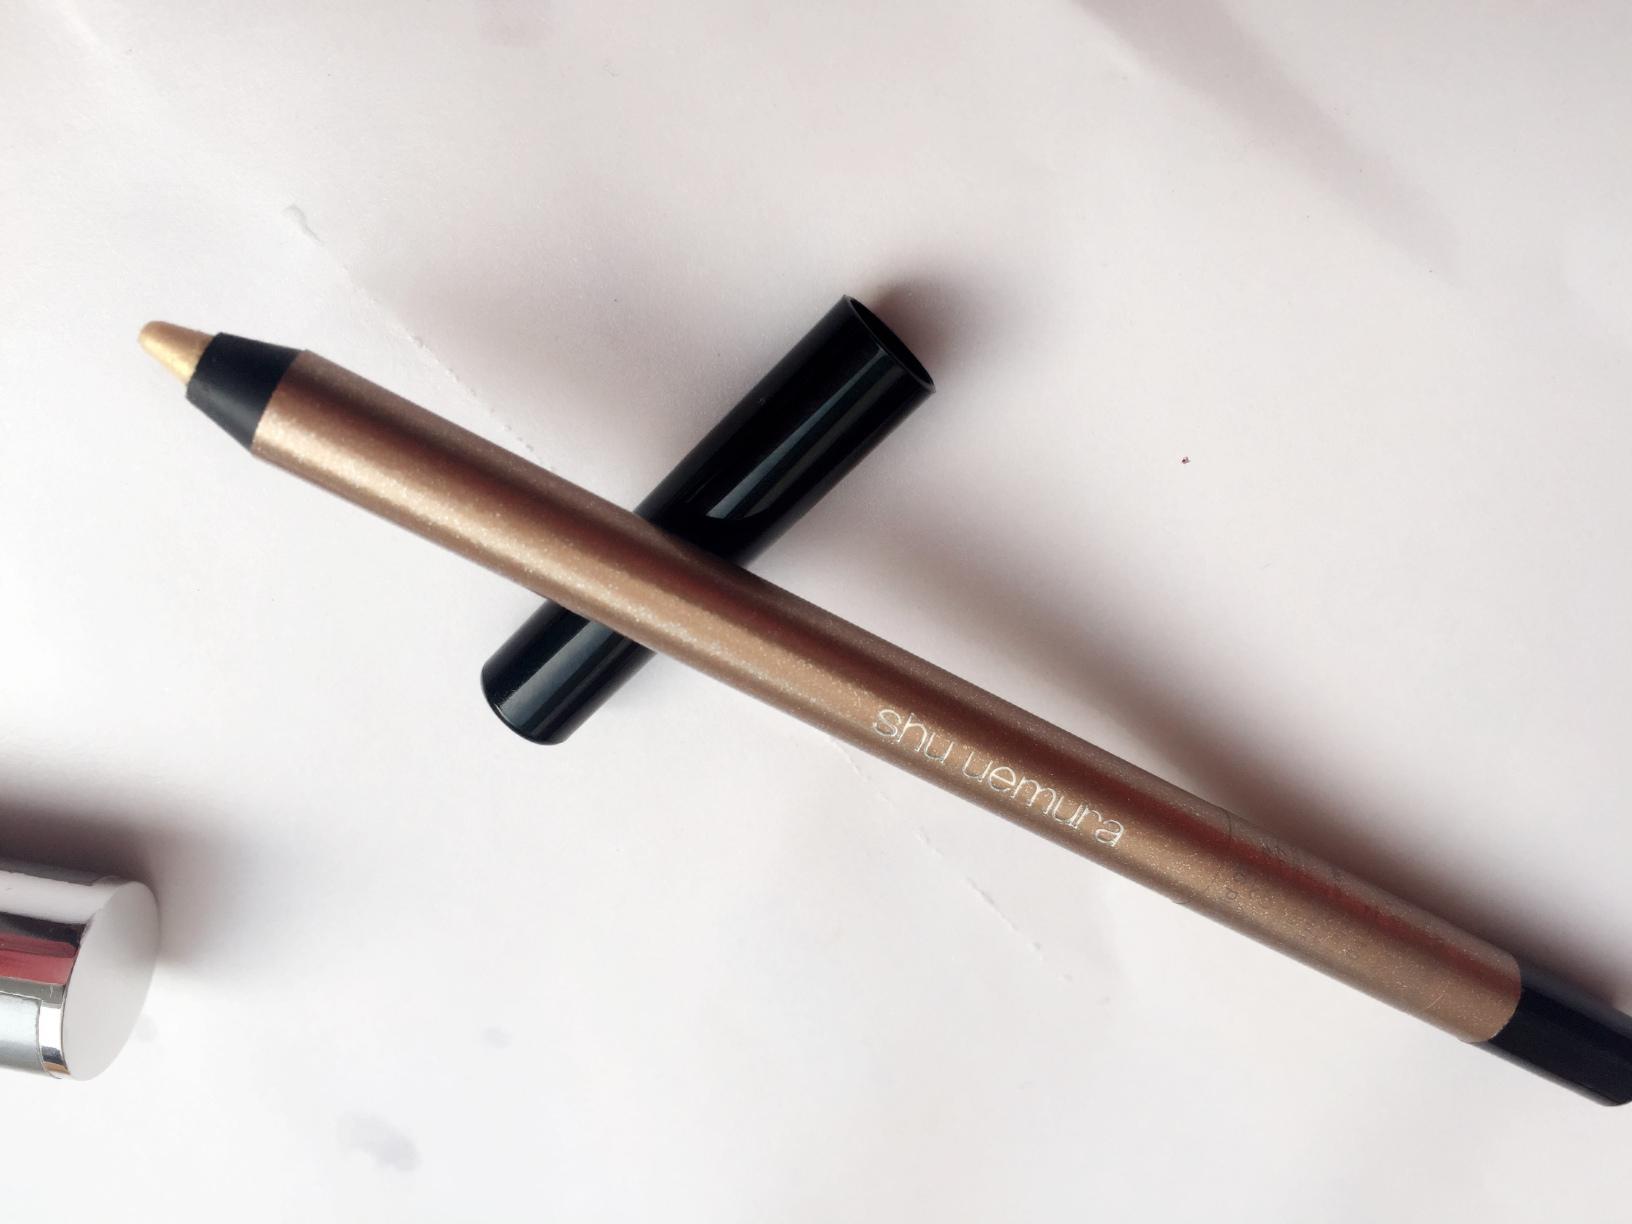 眼线笔推荐 彩妆达人特荐夏天防水不晕妆必备眼线笔